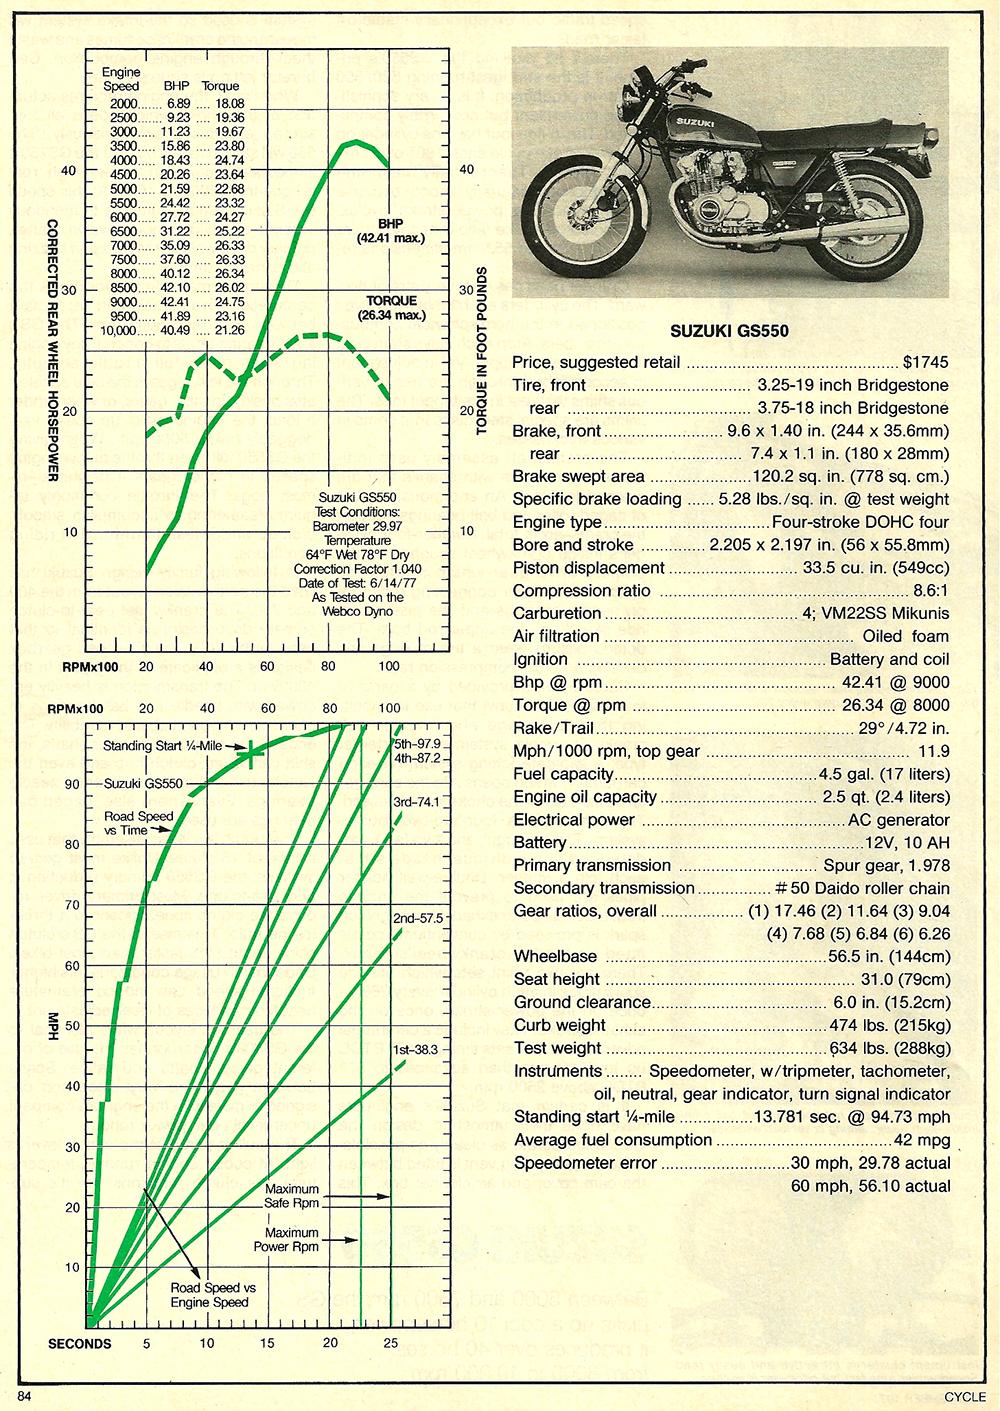 1977 Suzuki GS550 road test 05.jpg